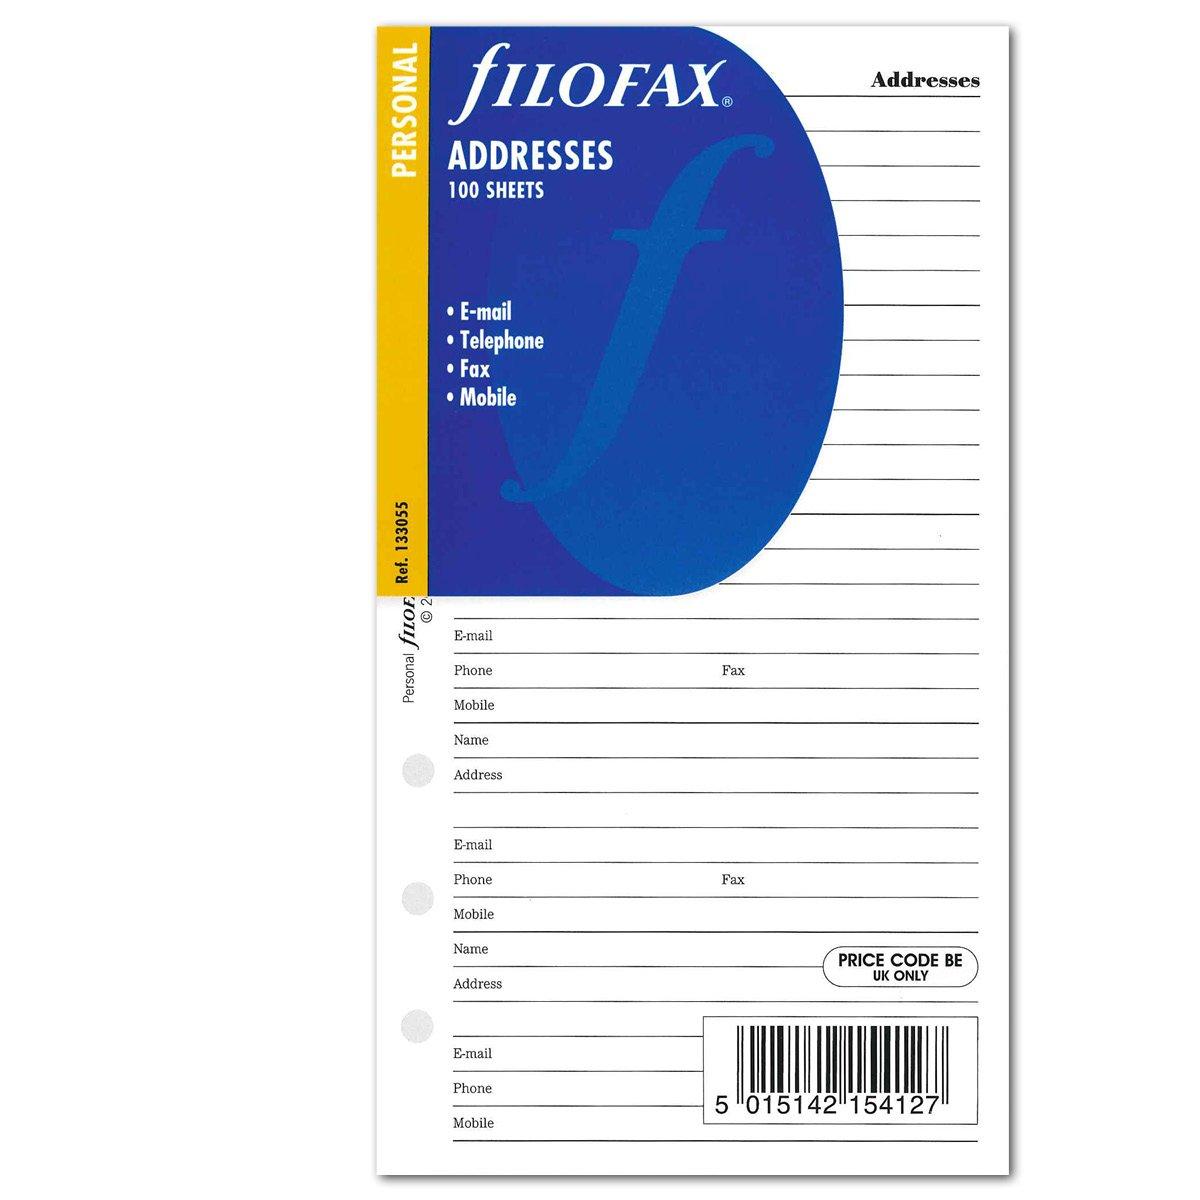 Filofax 133055personal contacts address book Filofax GmbH